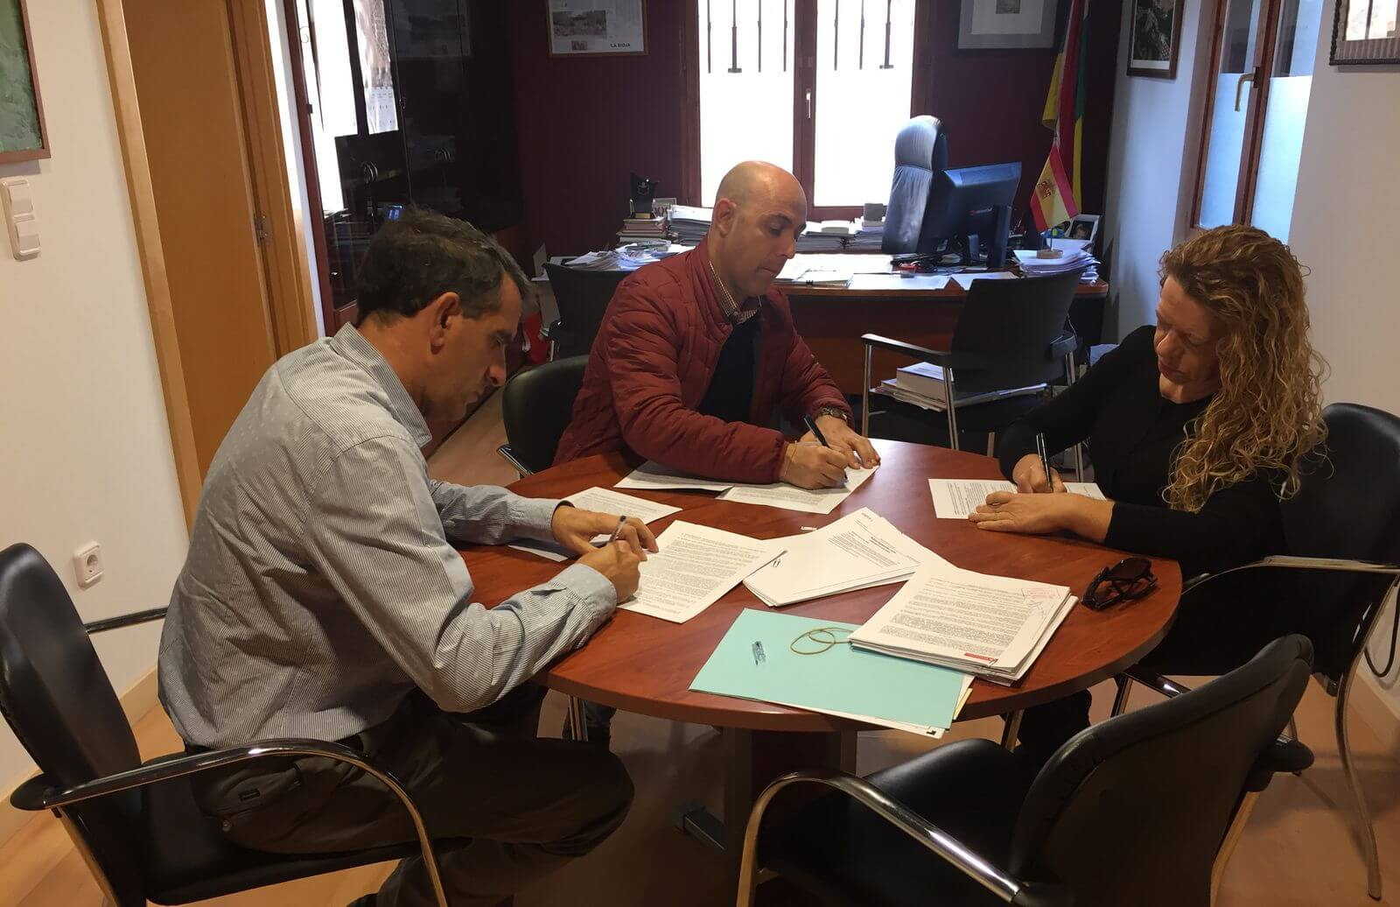 Casalarreina e Iberdrola firman un convenio para la construcción de una subestación eléctrica 1